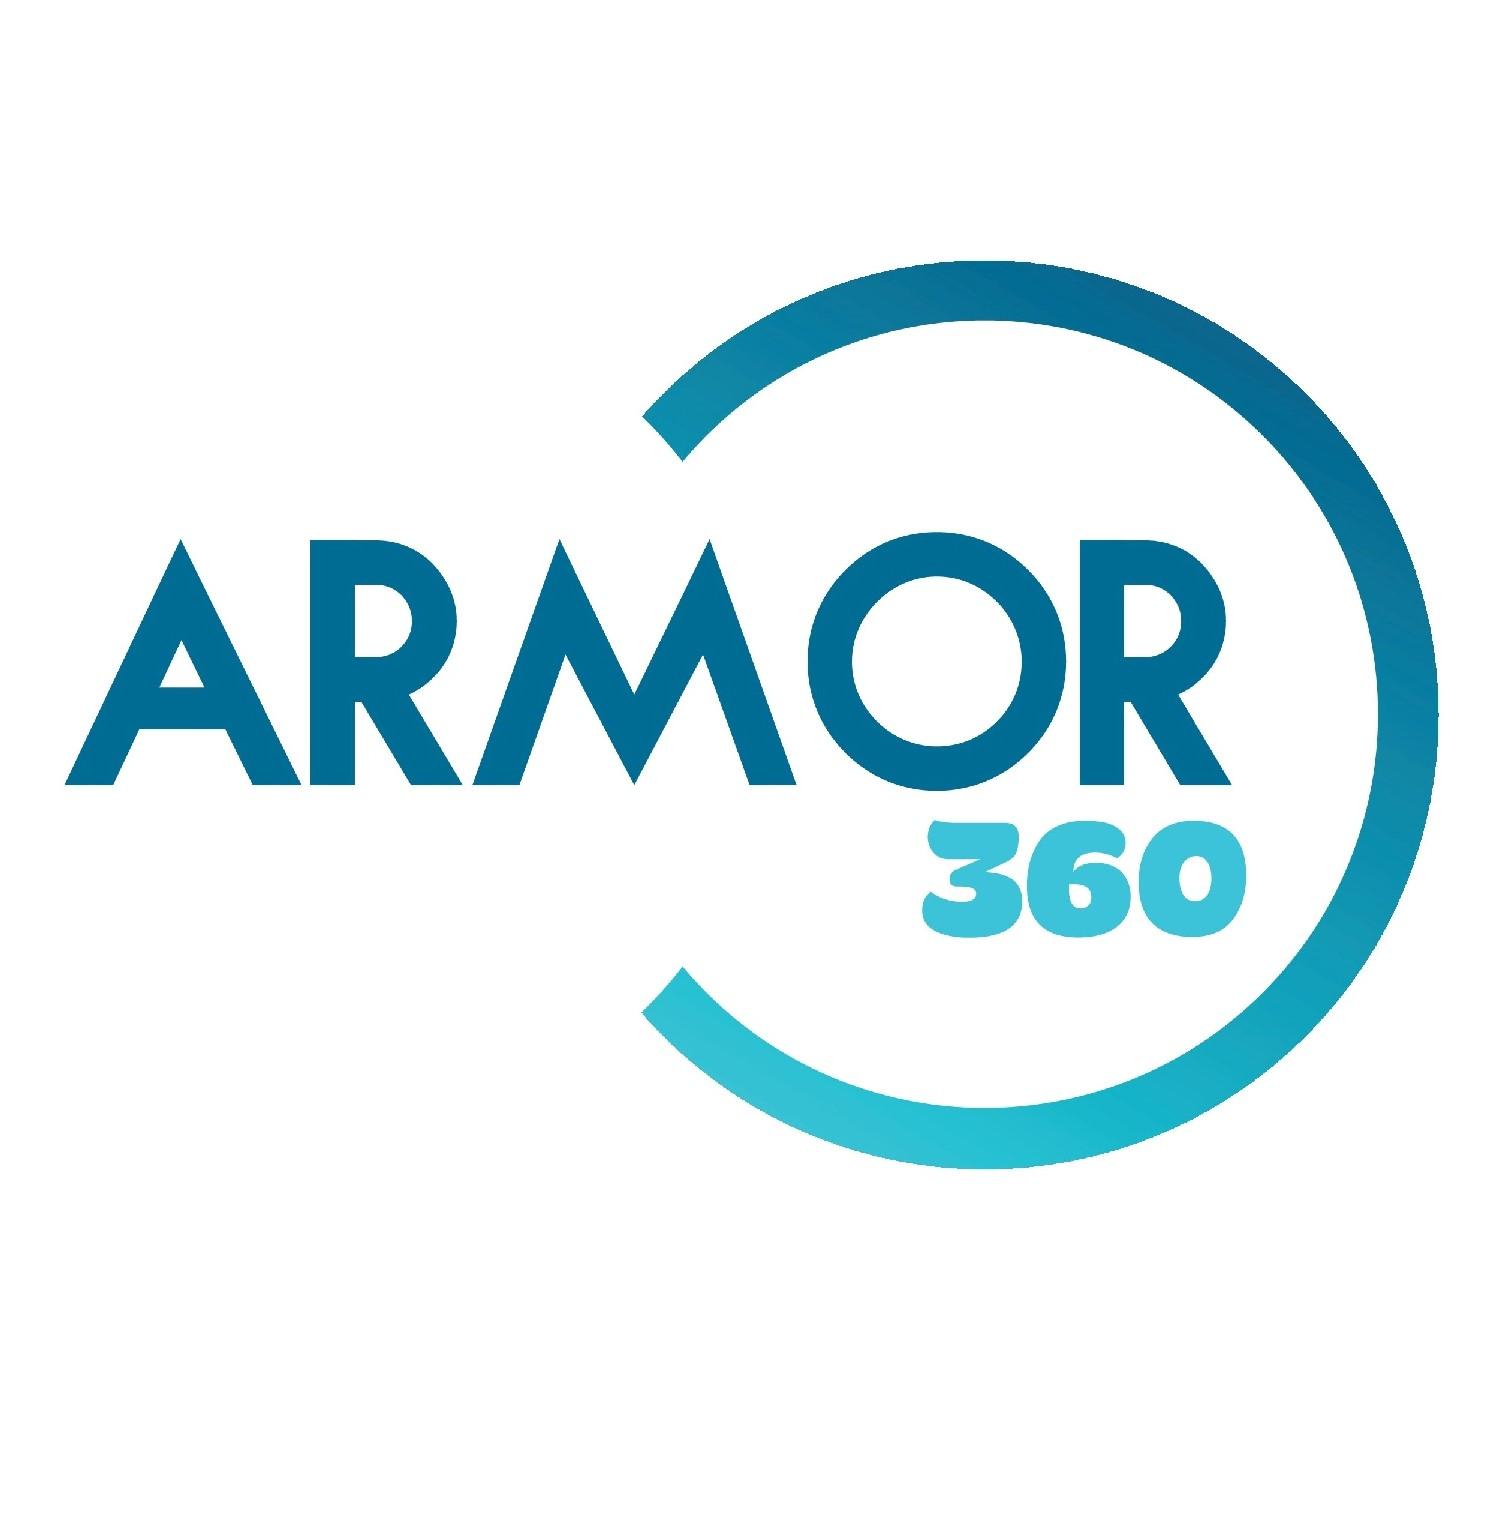 ARMOR360